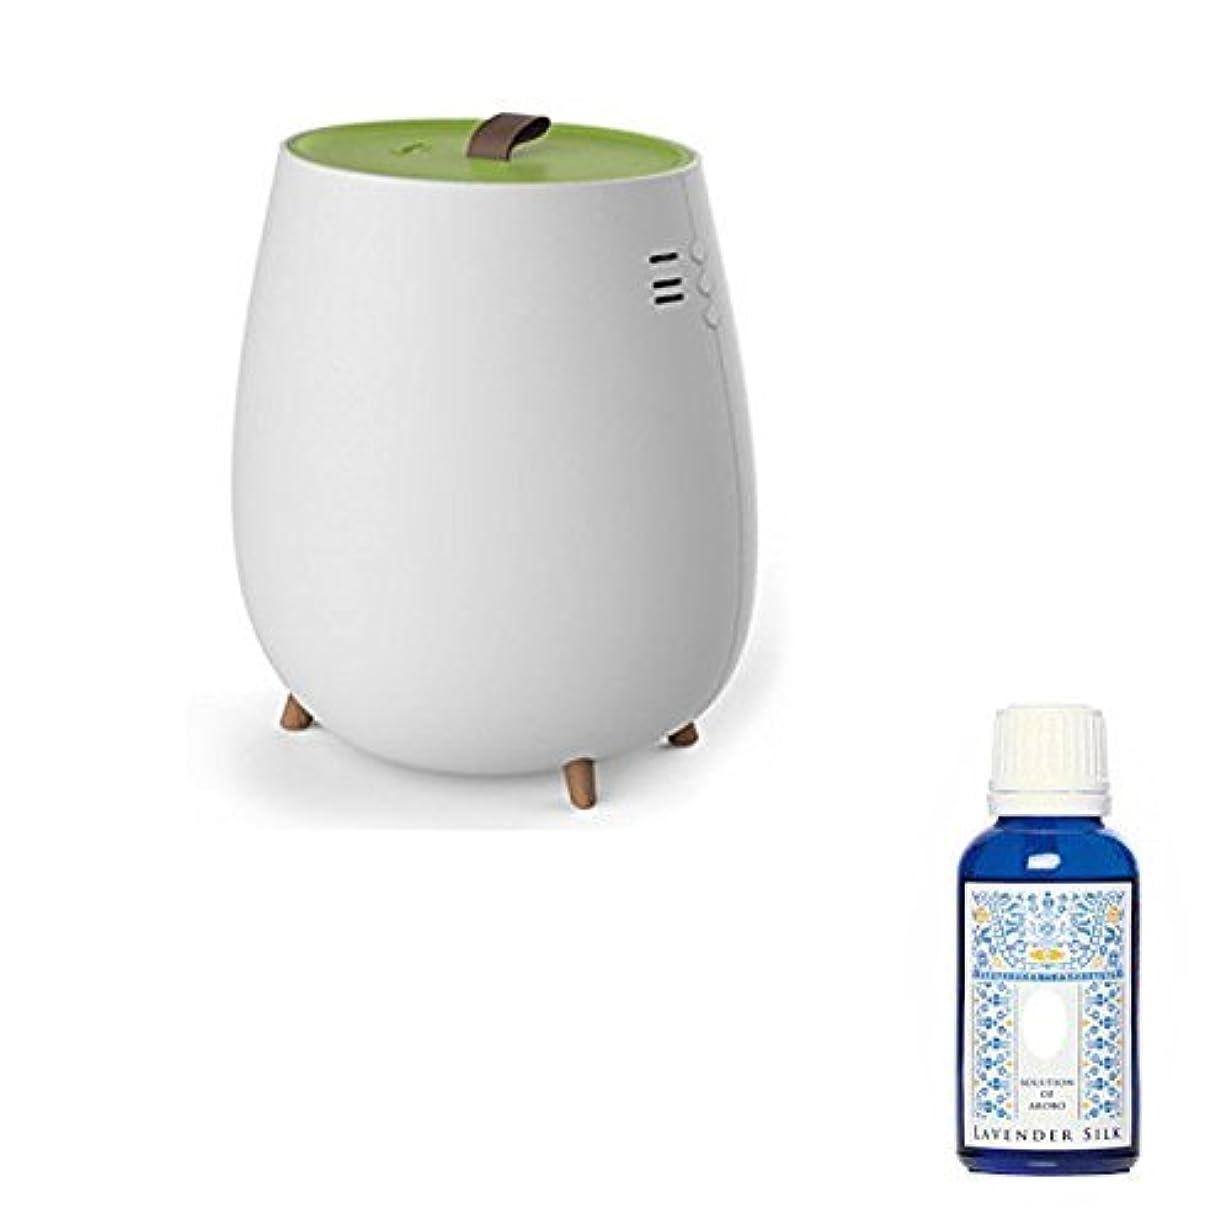 気になる震える家族アロマ加湿器 超音波加湿器 2.3L セラヴィ アロマソリューション付 CLV-296 グリーン